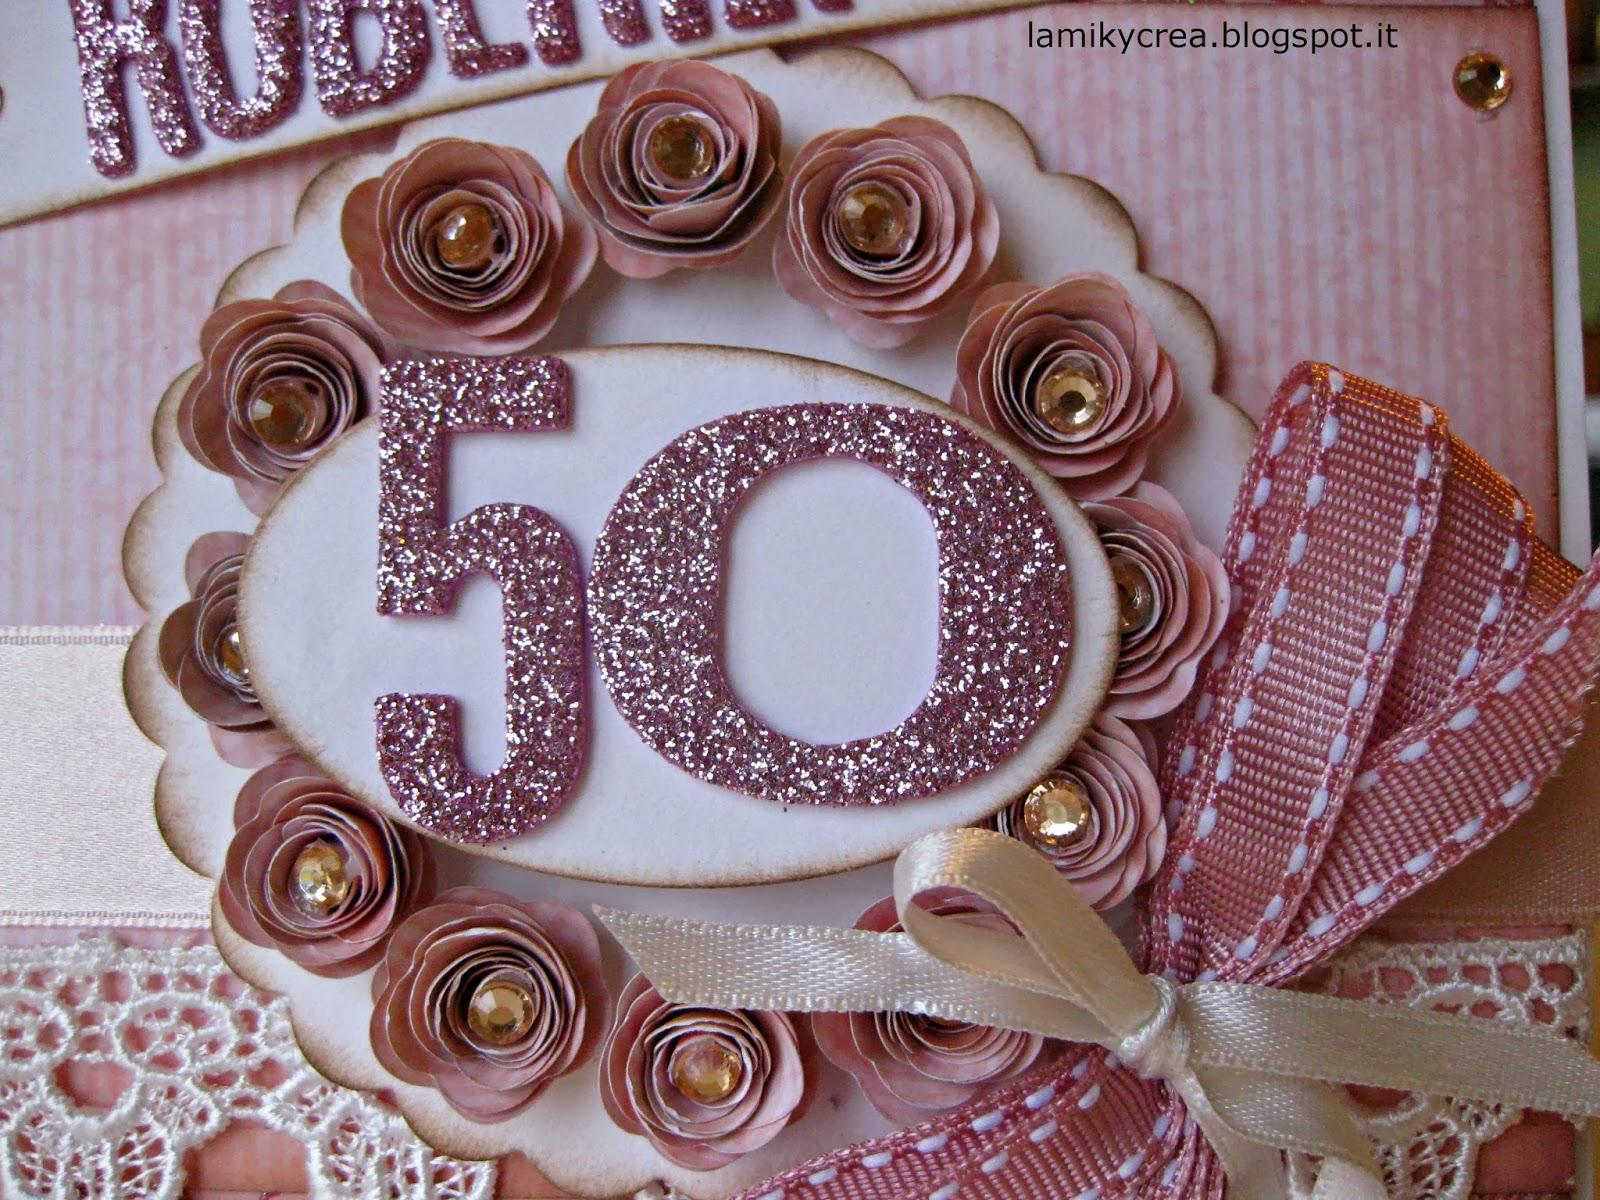 La miky crea buon compleanno for Cucinare anni 50